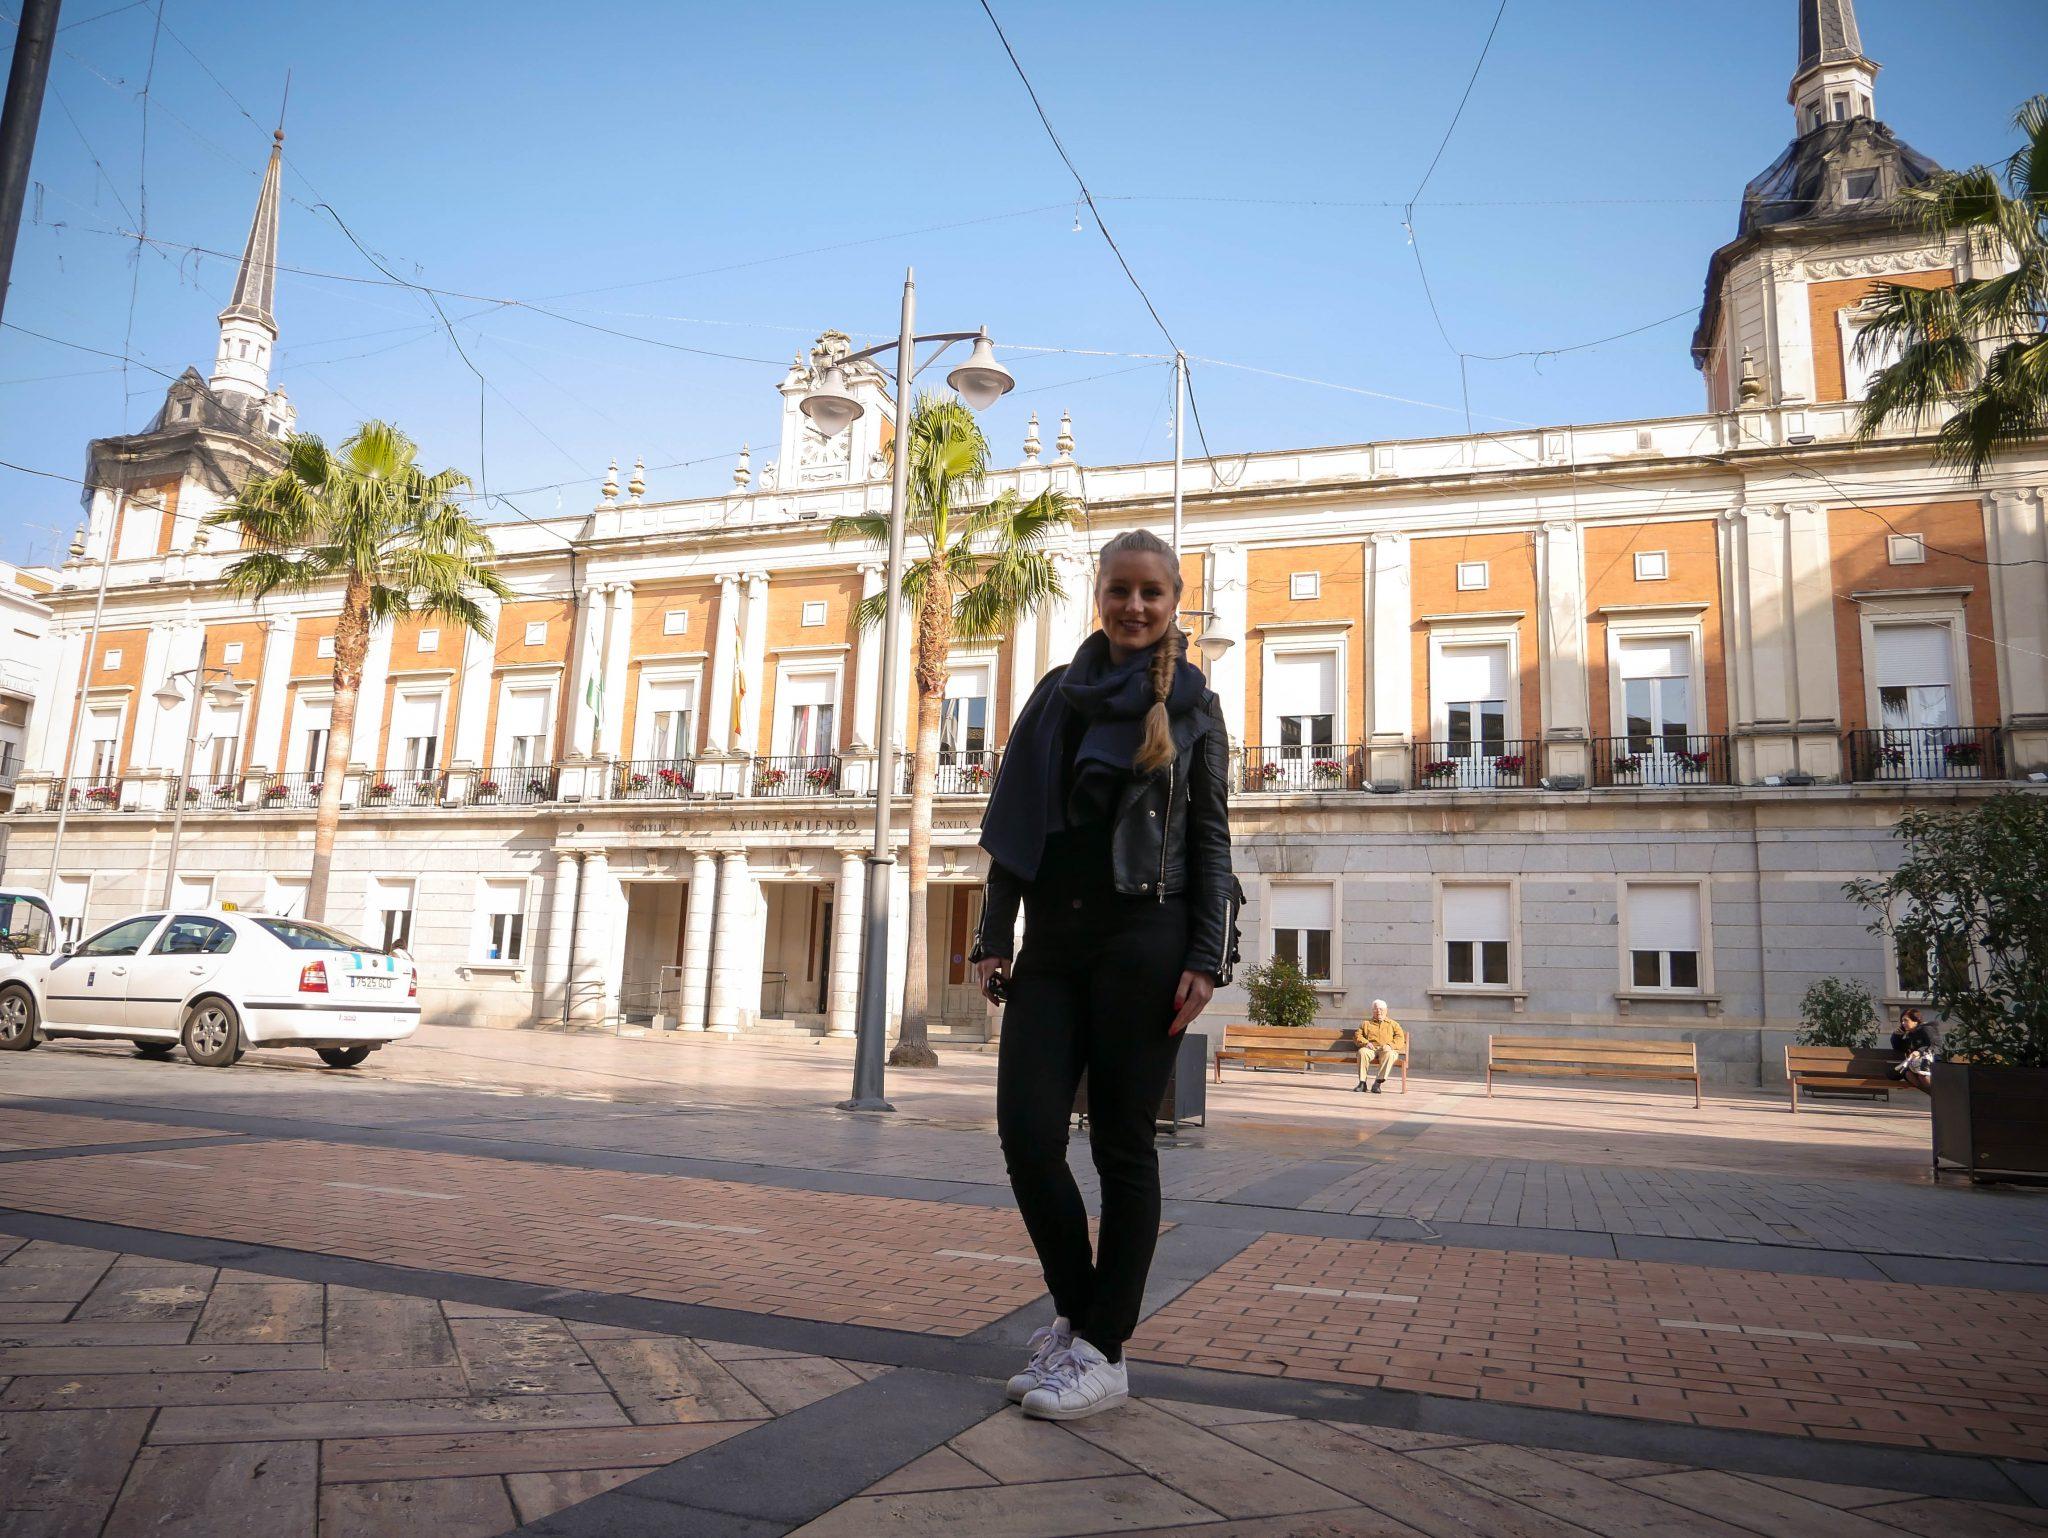 Huelva, Rathaus: Ich hoffe dir hat Huelva genauso gut gefallen wie mir :)